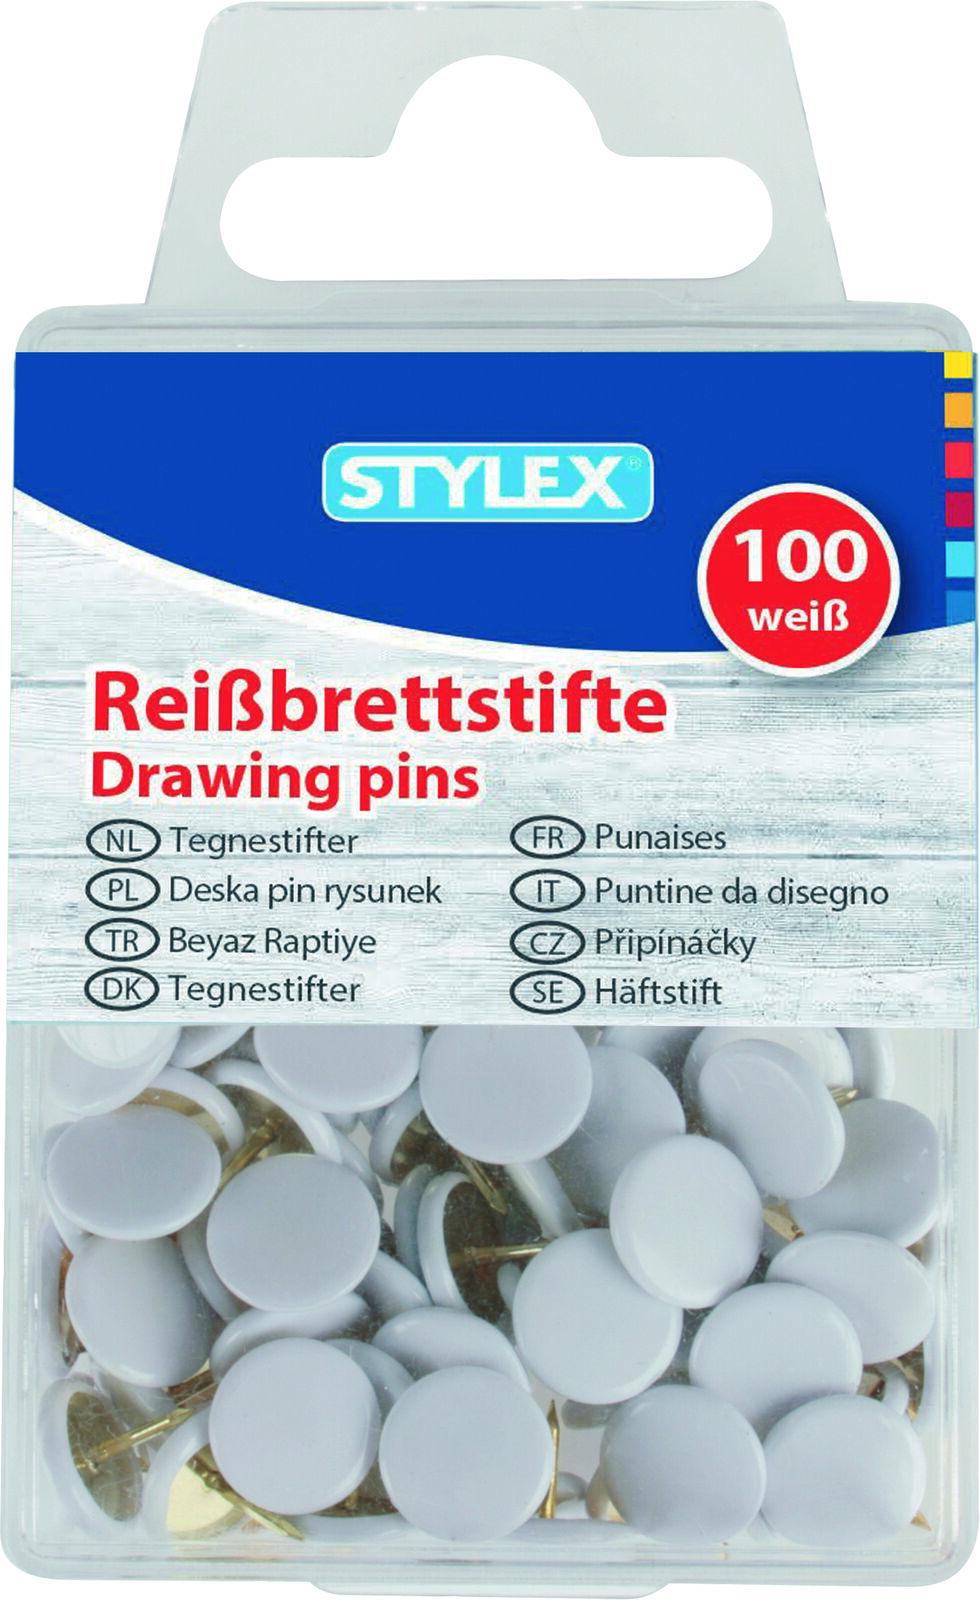 100 Stück Reißbrettstifte Reißzwecken Reißnägel Heftzwecken Pinnwand Pinnadeln!